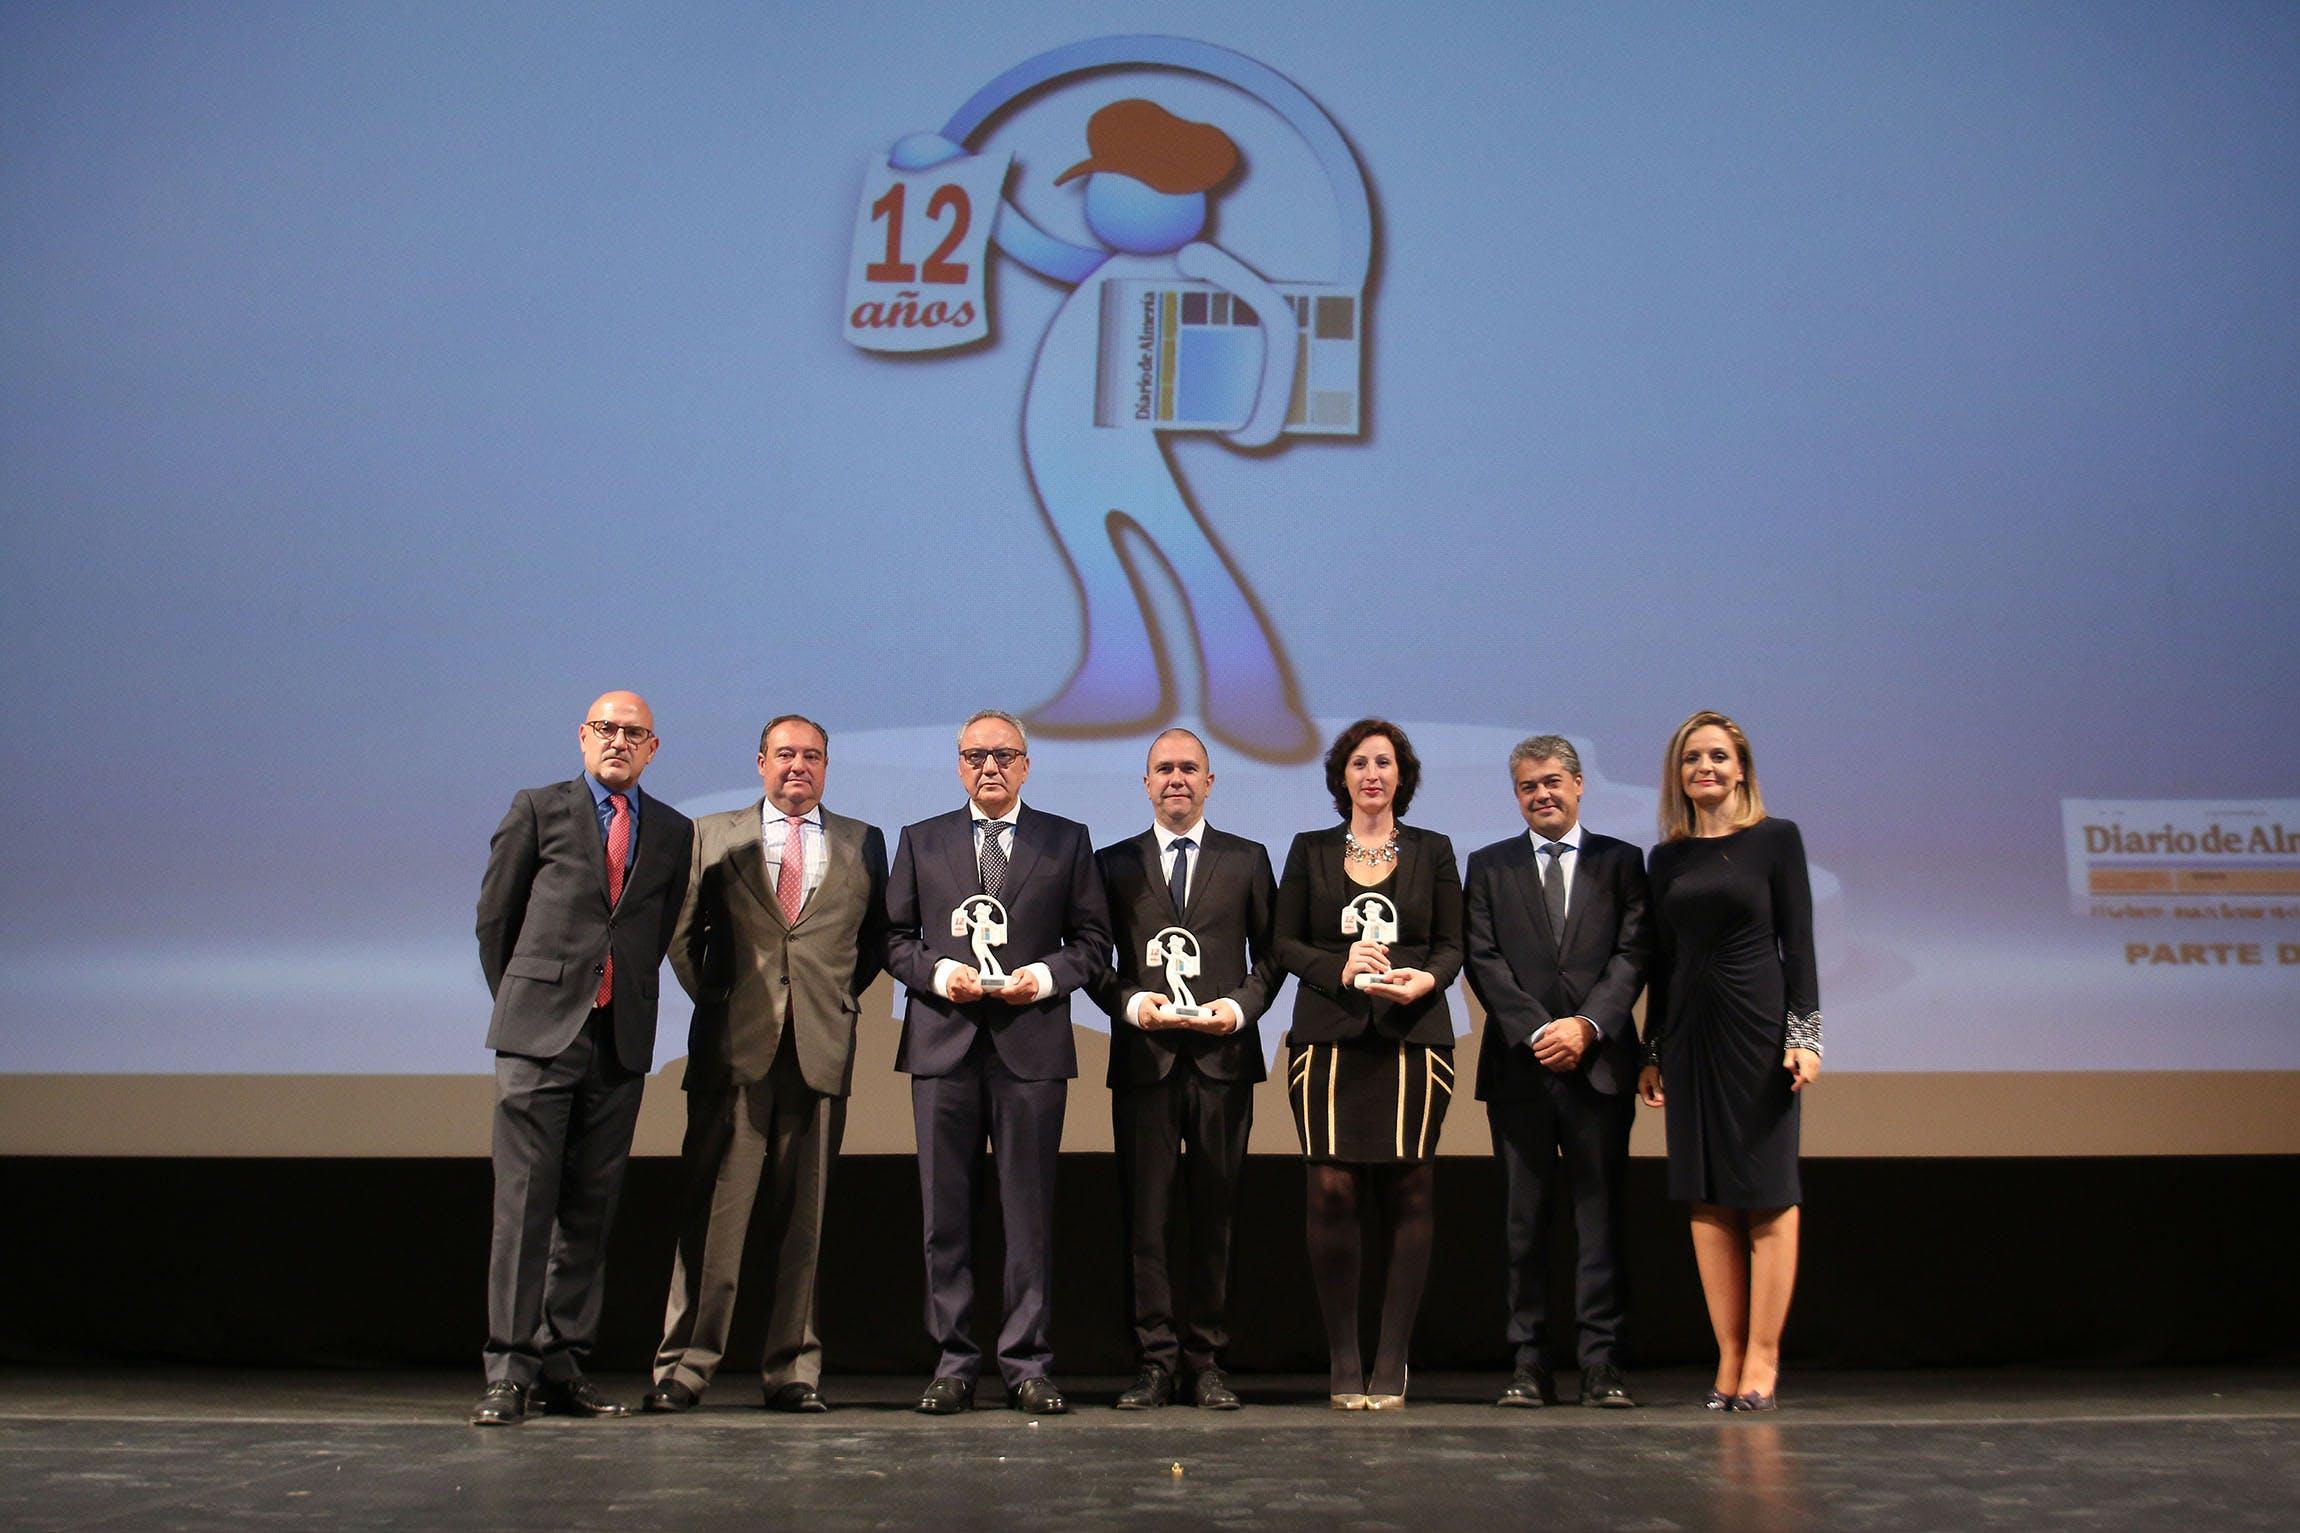 Image of cosentino2 1 in Francisco Martinez-Cosentino Justo recognized with Diario de Almeria 2019 Award - Cosentino